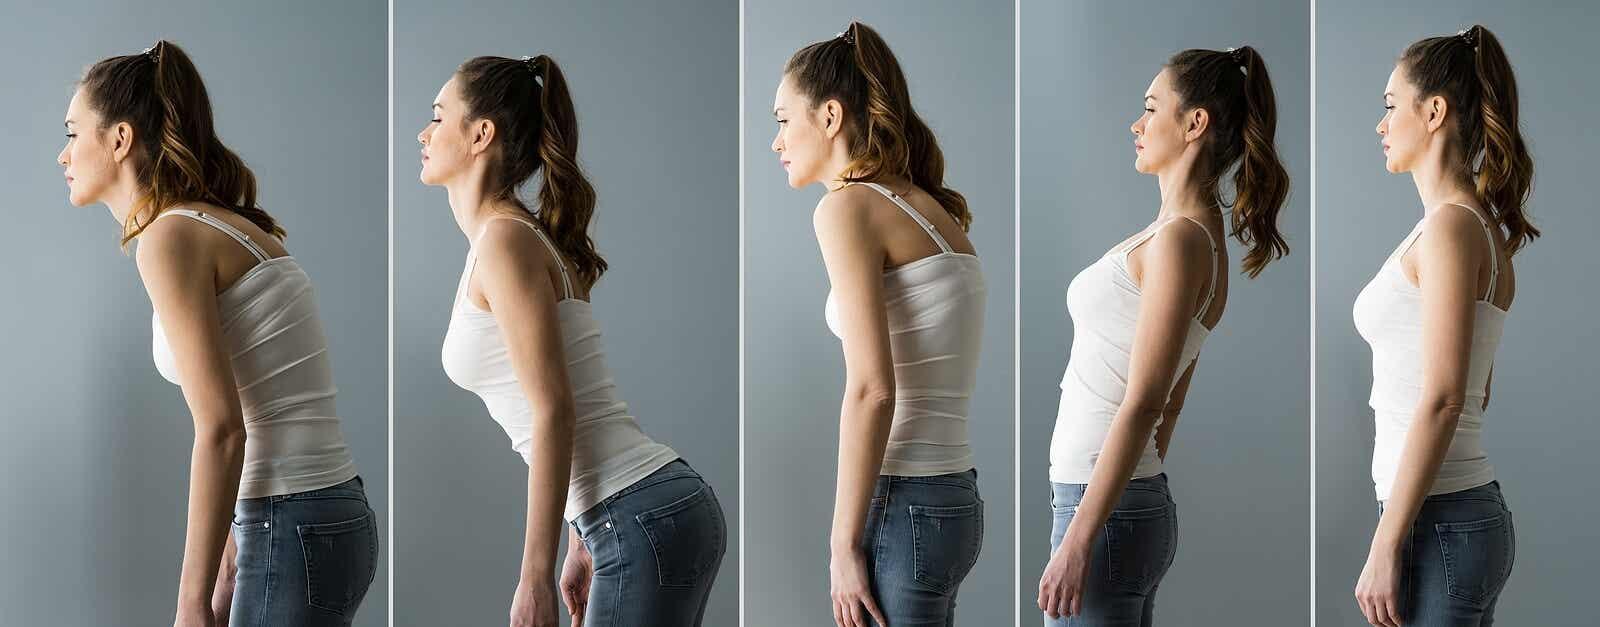 Problemas de postura.